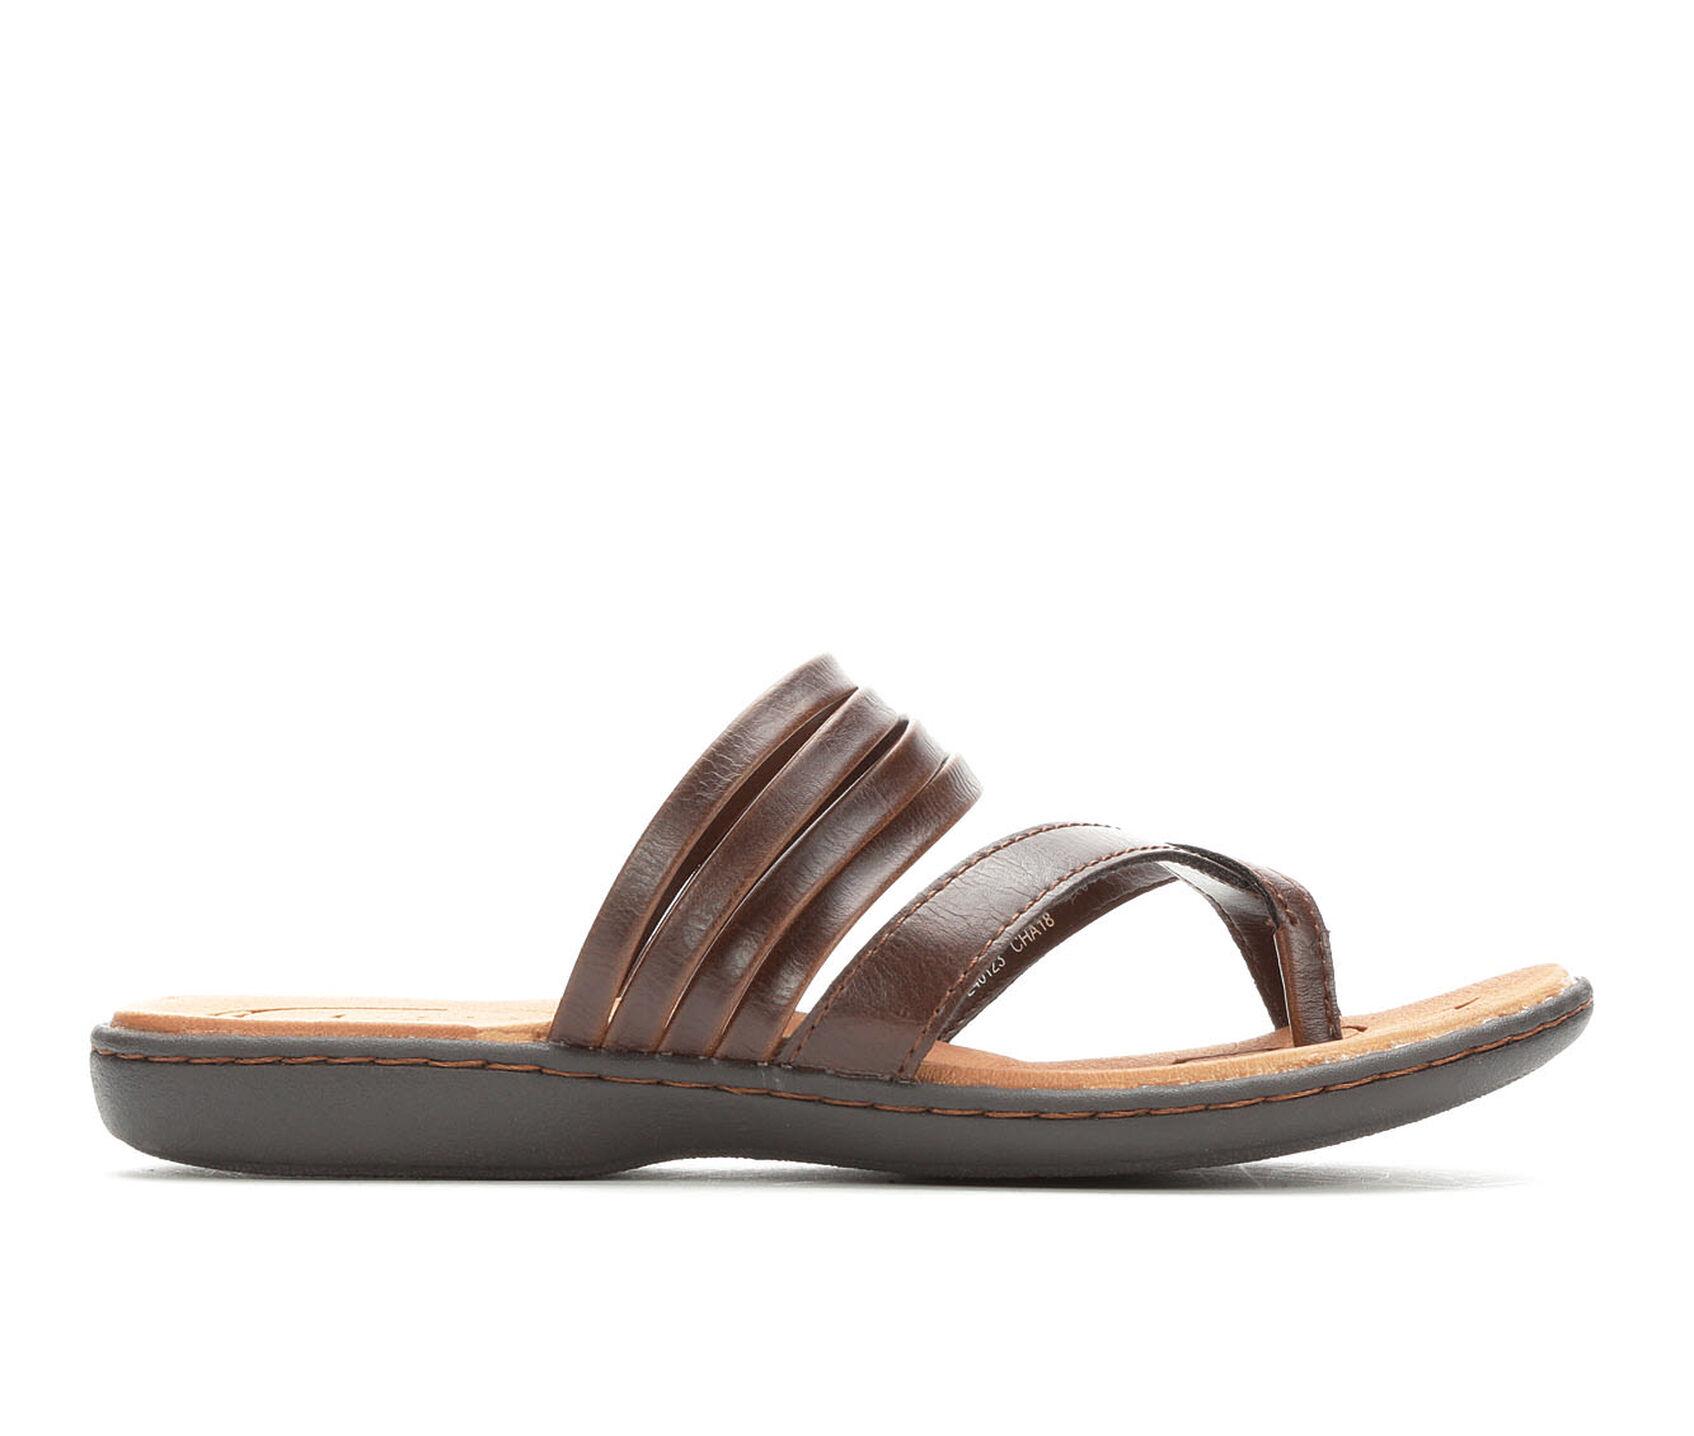 0fabfa1d85b Women s B.O.C. Alisha Sandals